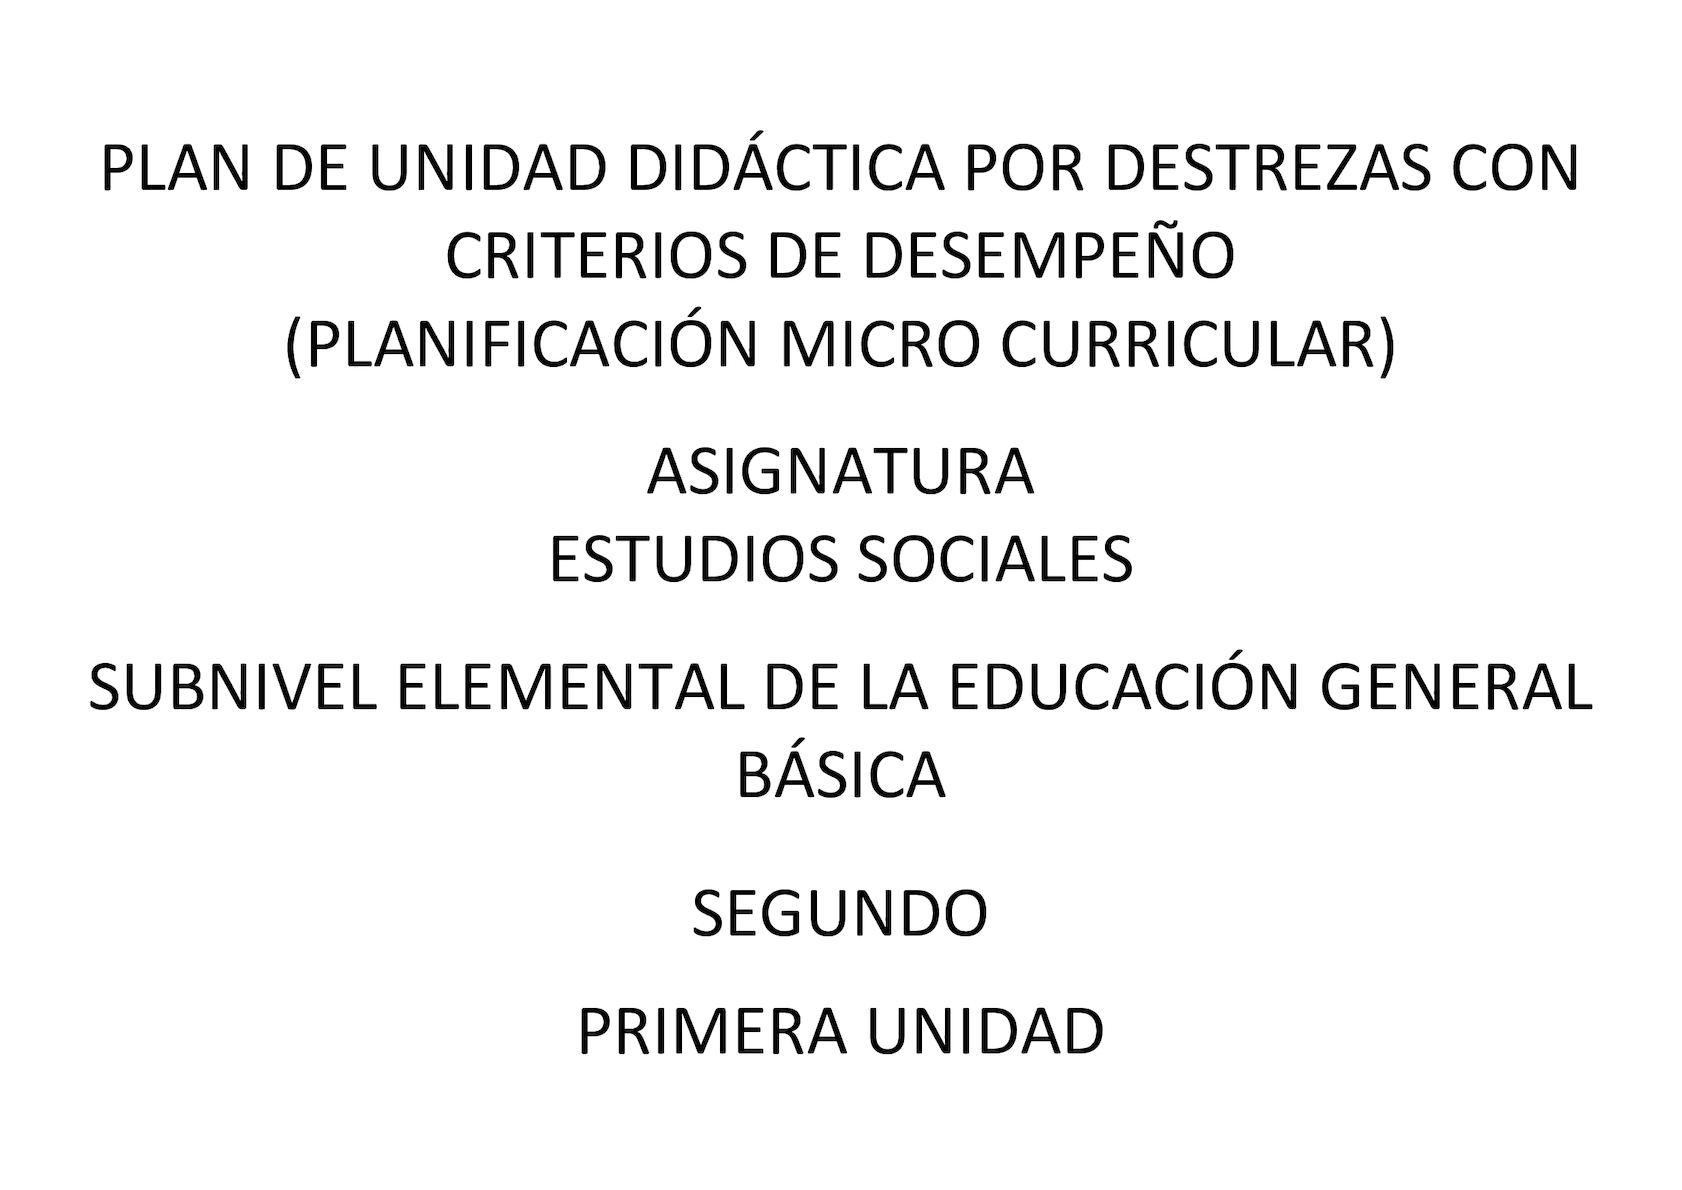 Pud(mi Cro) Estudios Sociales Segundo 2017